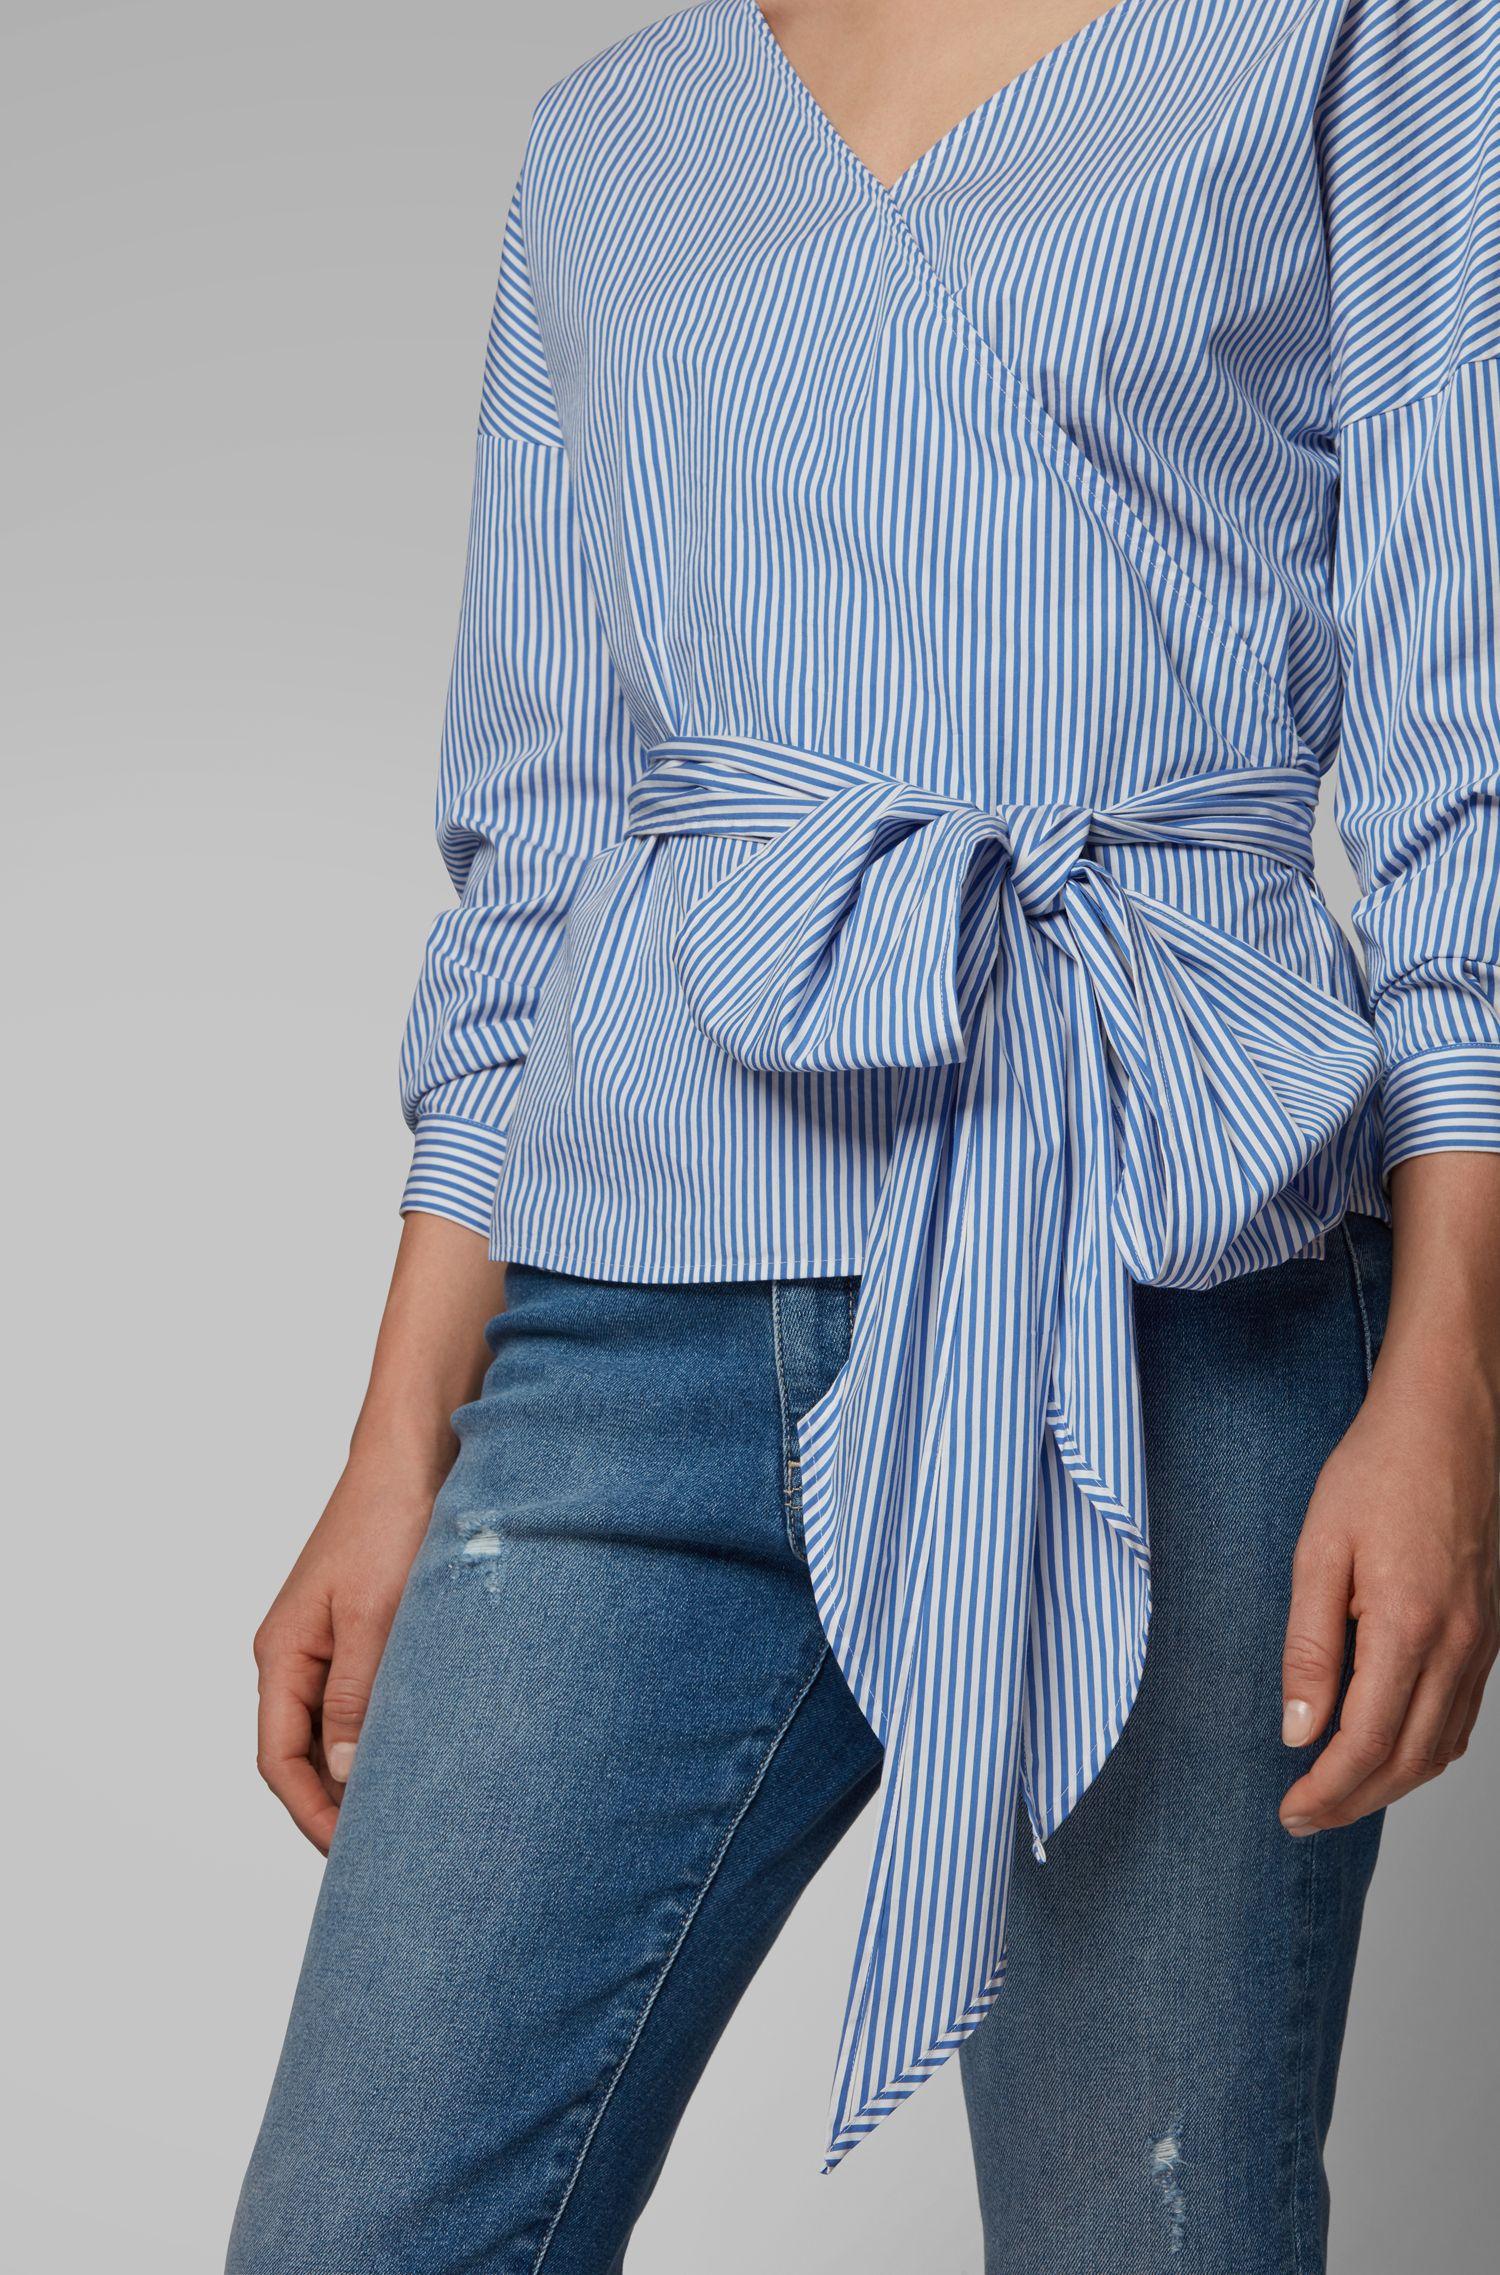 Regular-Fit Bluse aus gestreifter Stretch-Popeline, Blau